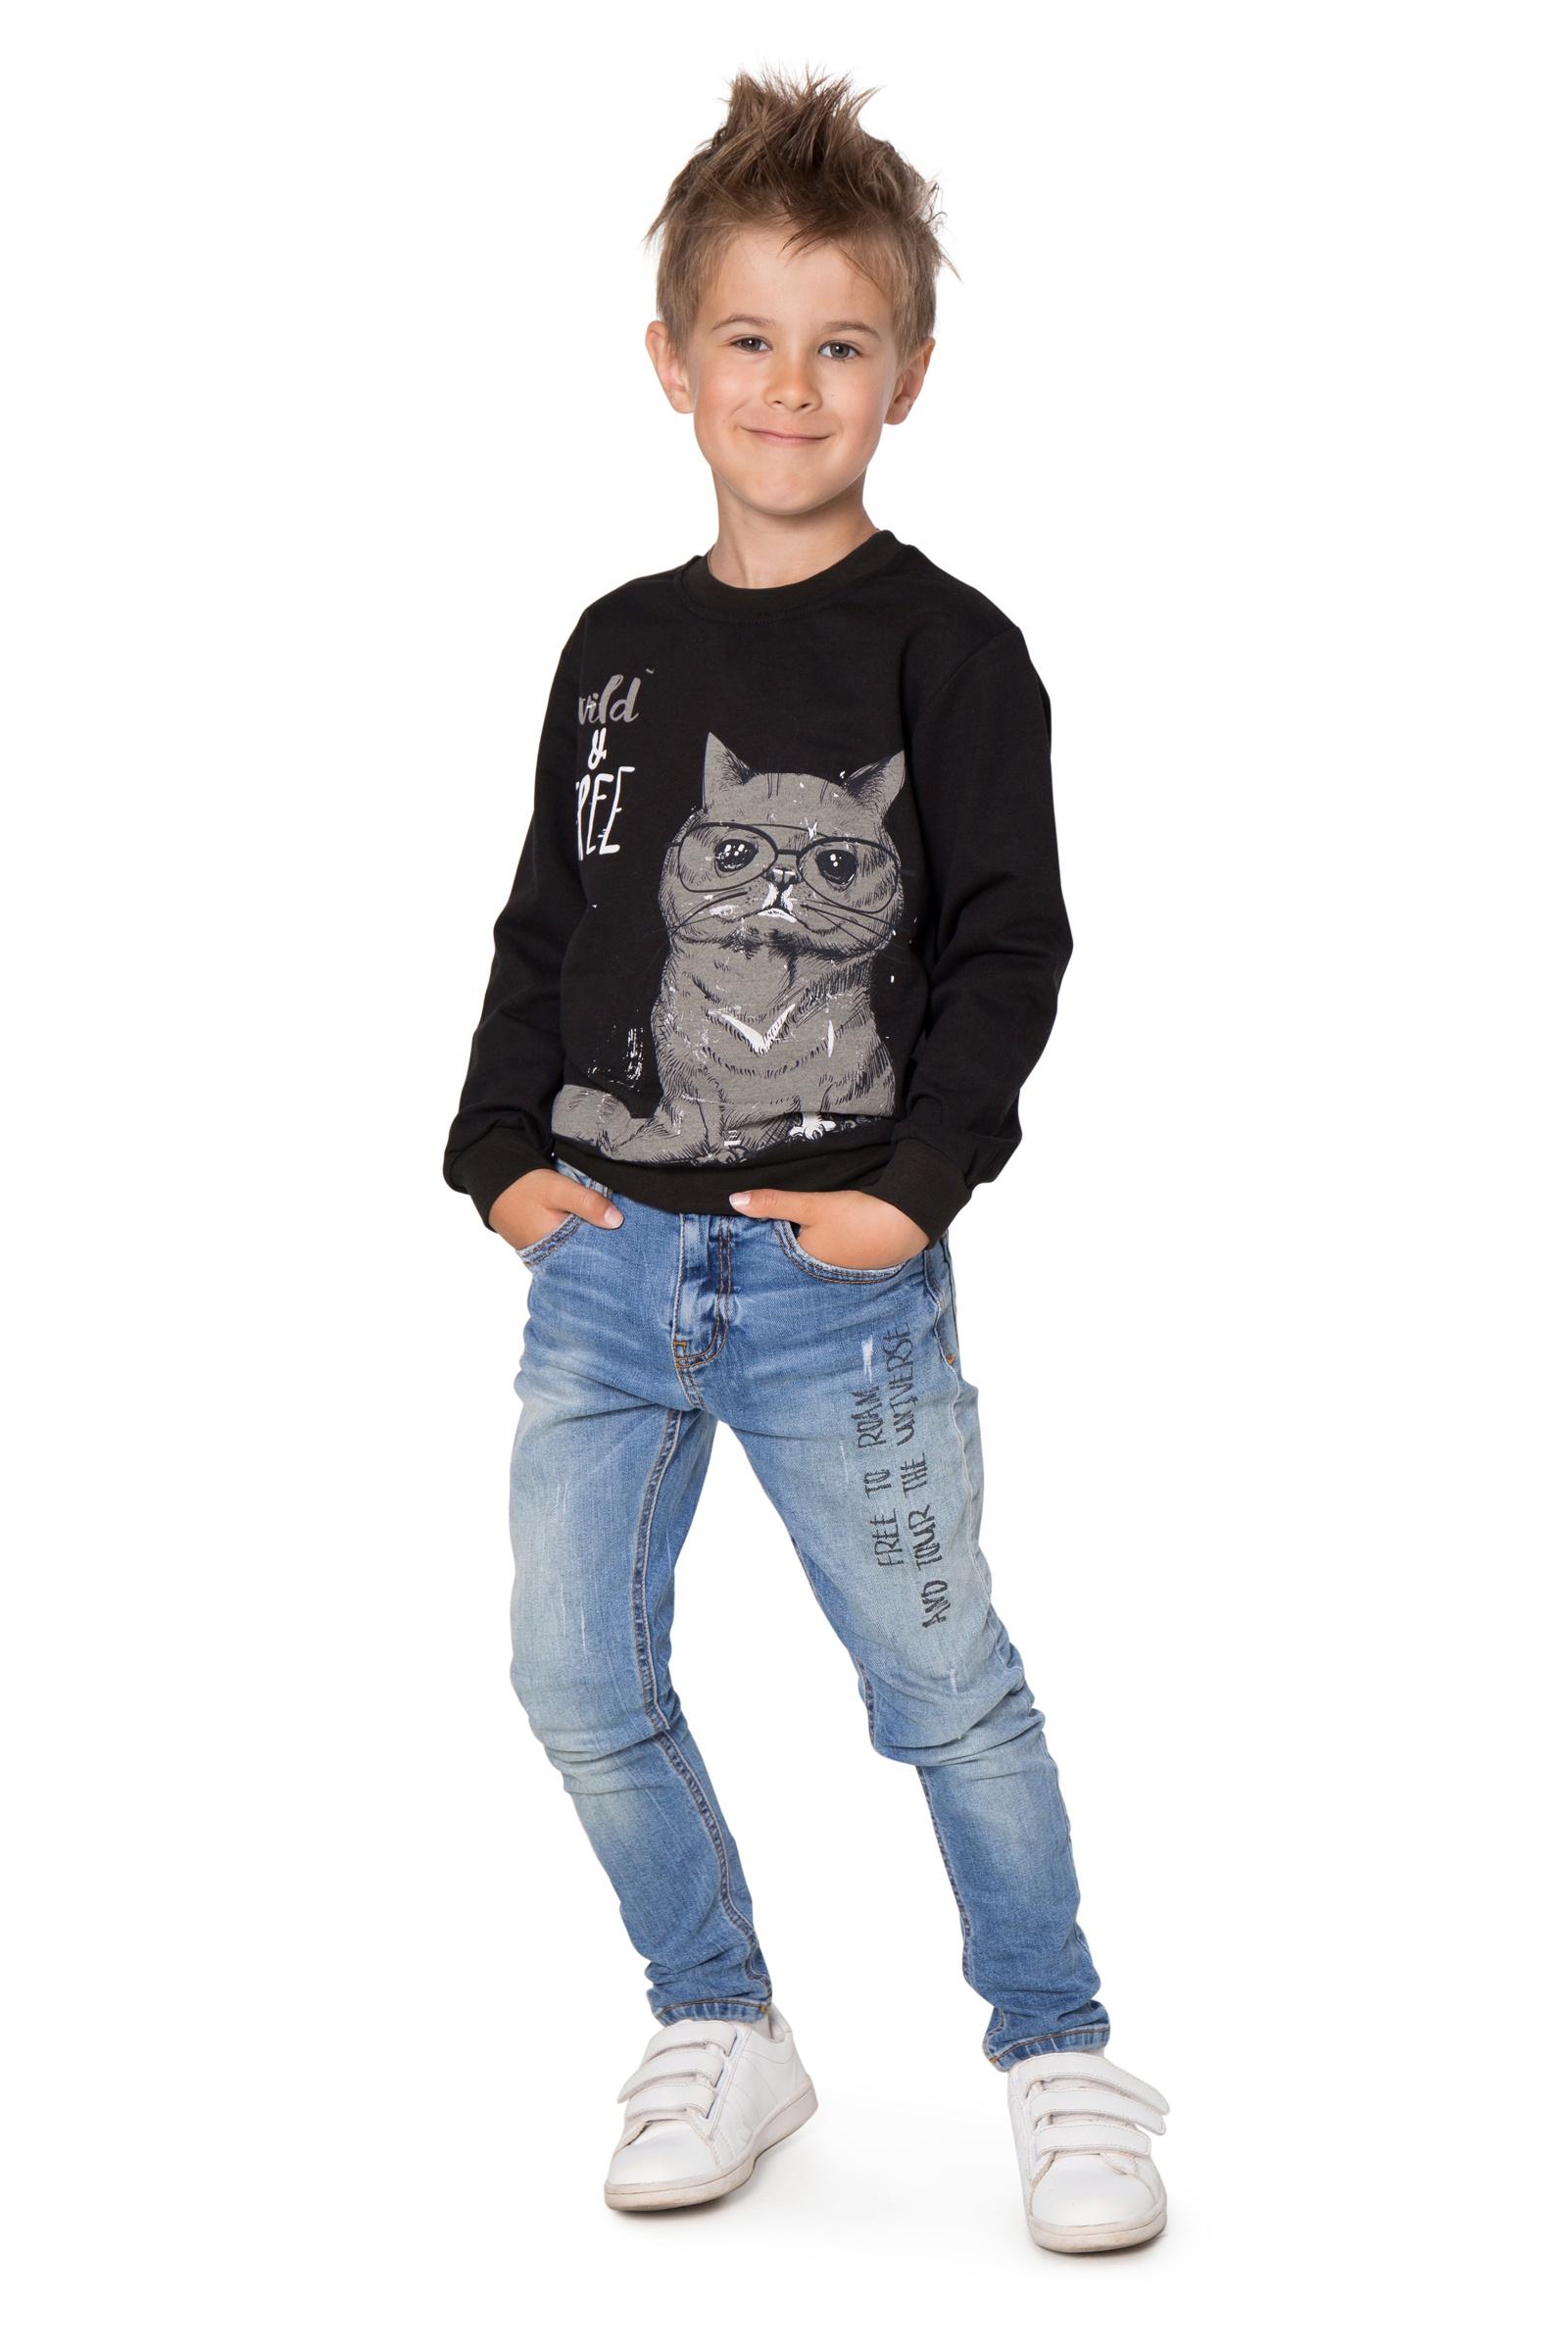 Свитшот Little world of alena ДЖ05-2936-1_черный_98-104 4, 104 размерДЖ05-2936-1_4_134-140Базовый джемпер из мягкого футера для мальчика сочетается с брюками, спортивными штанами и джинсами. Его можно надеть в детский сад, на прогулки или носить дома. Длинные рукава заканчиваются широкой трикотажной резинкой, которая обеспечивает плотное прилегание к запястьям. Круглая горловина не имеет застежек. Свободный крой не стесняет движения.